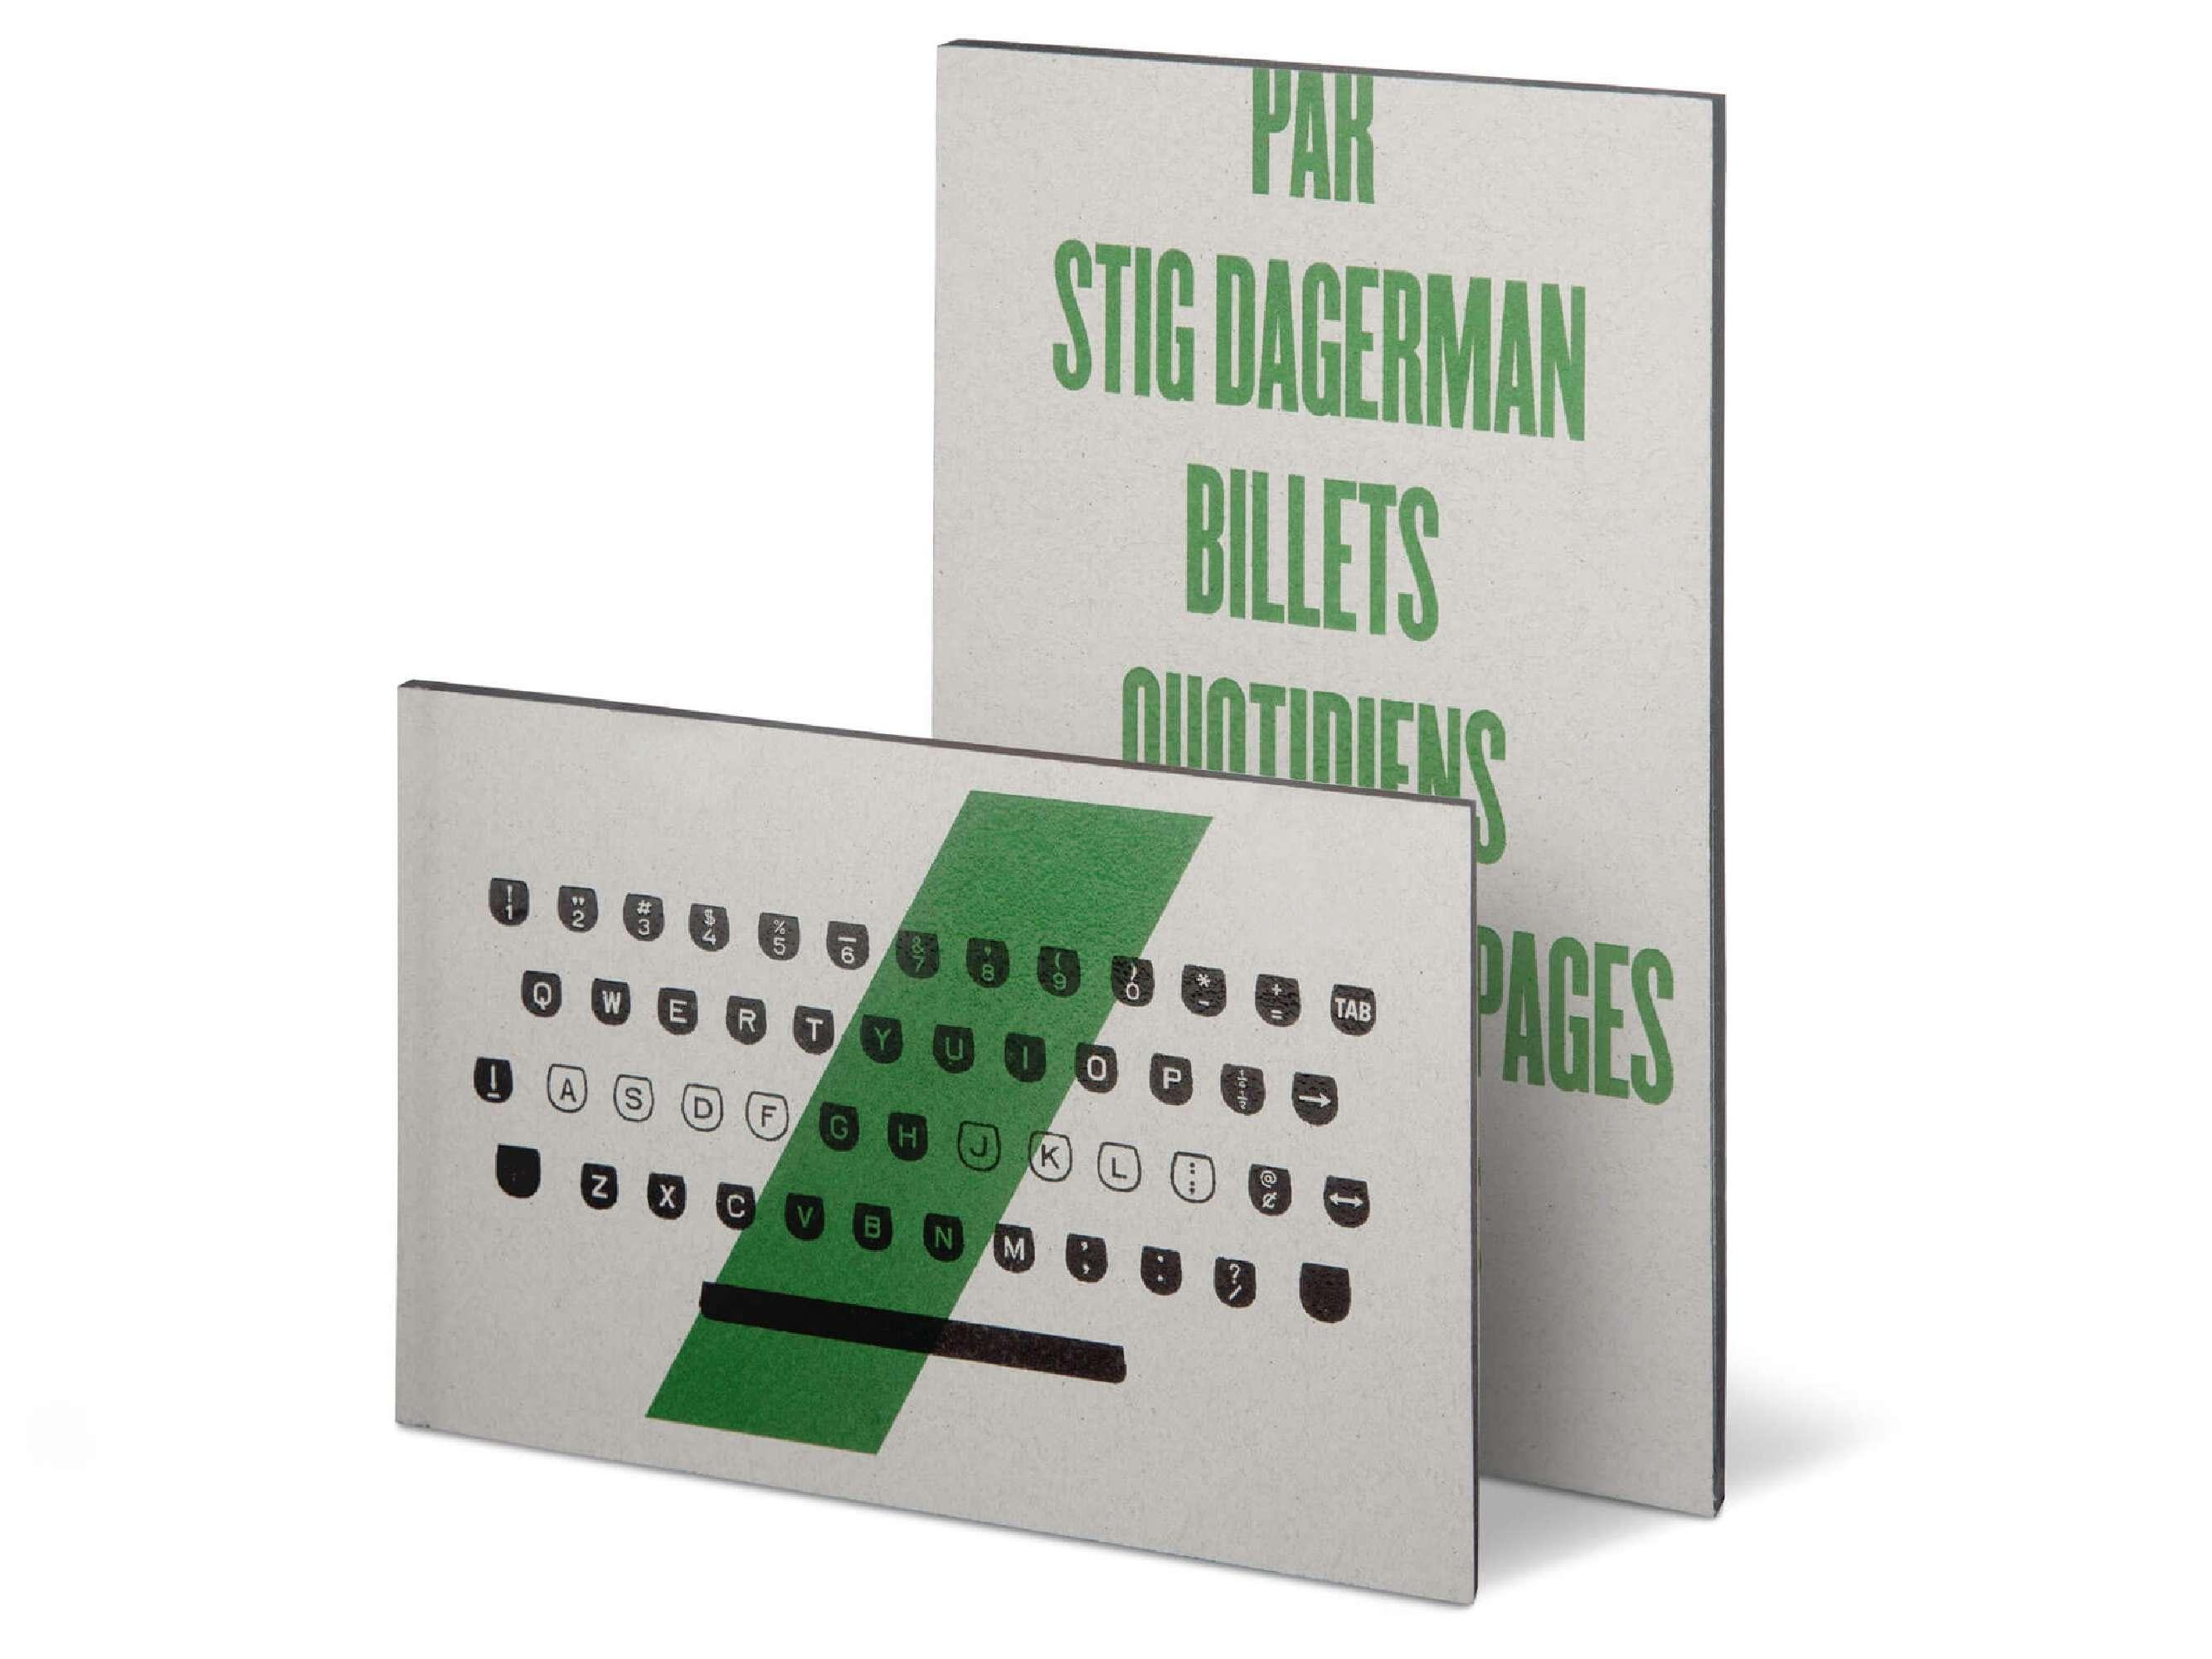 Stig Dagerman Billets quotidiens Éditions cent pages couverture clavier machine à écrire Dagerman